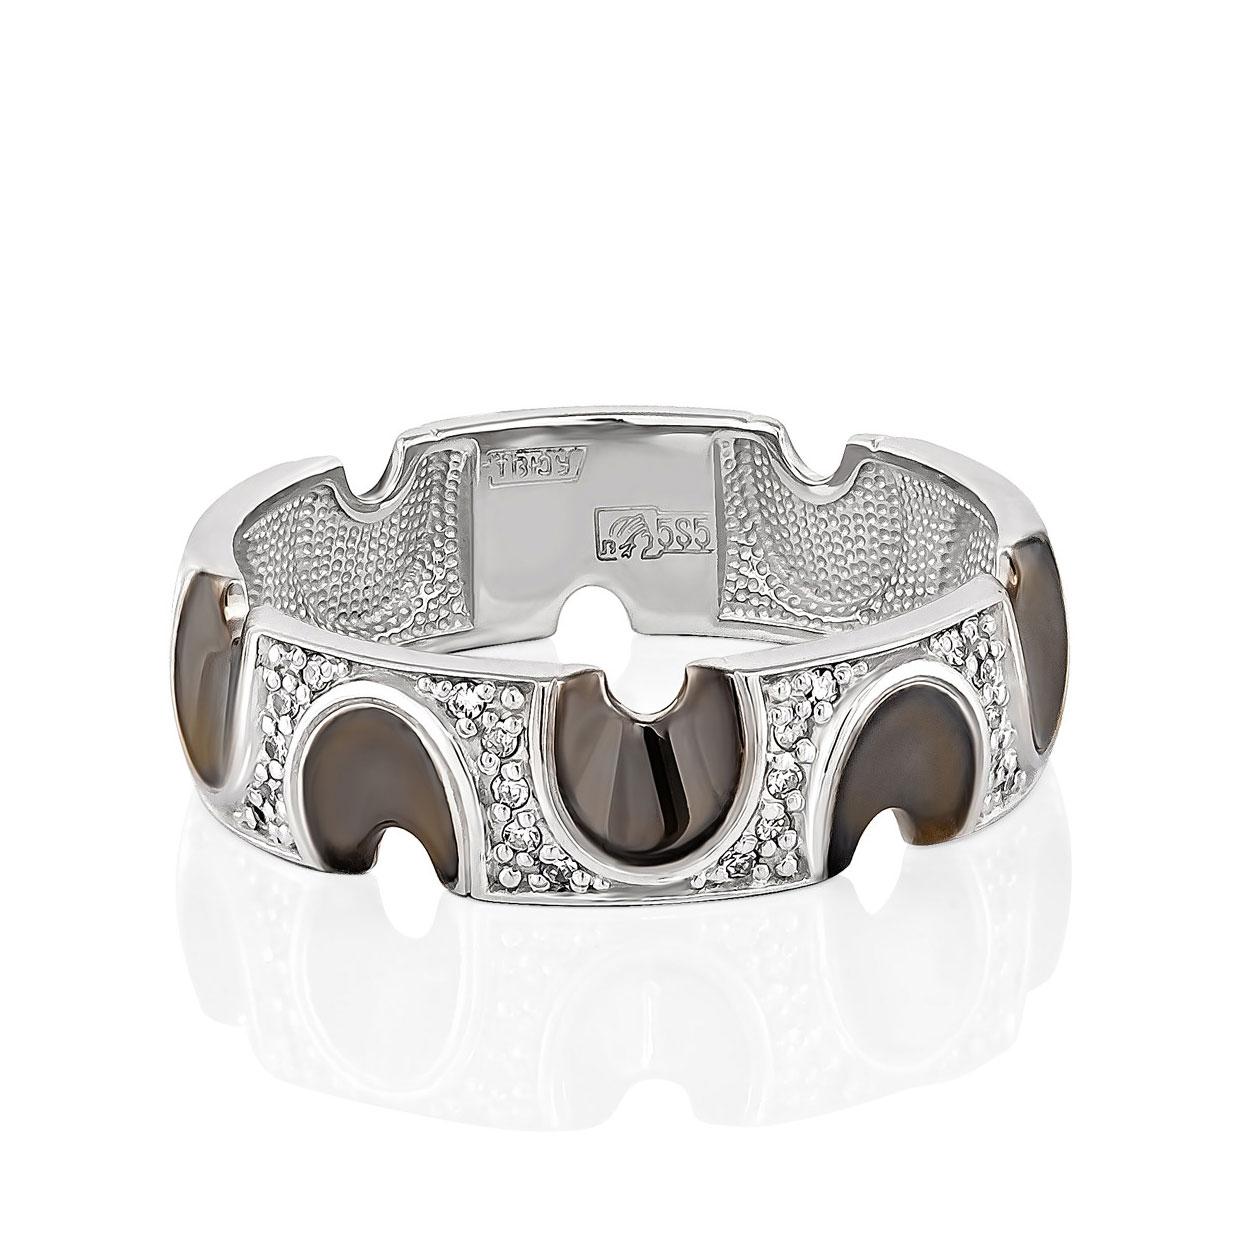 Обручальное кольцо из белого золота с бриллиантом арт. 1-1369-1000 1-1369-1000